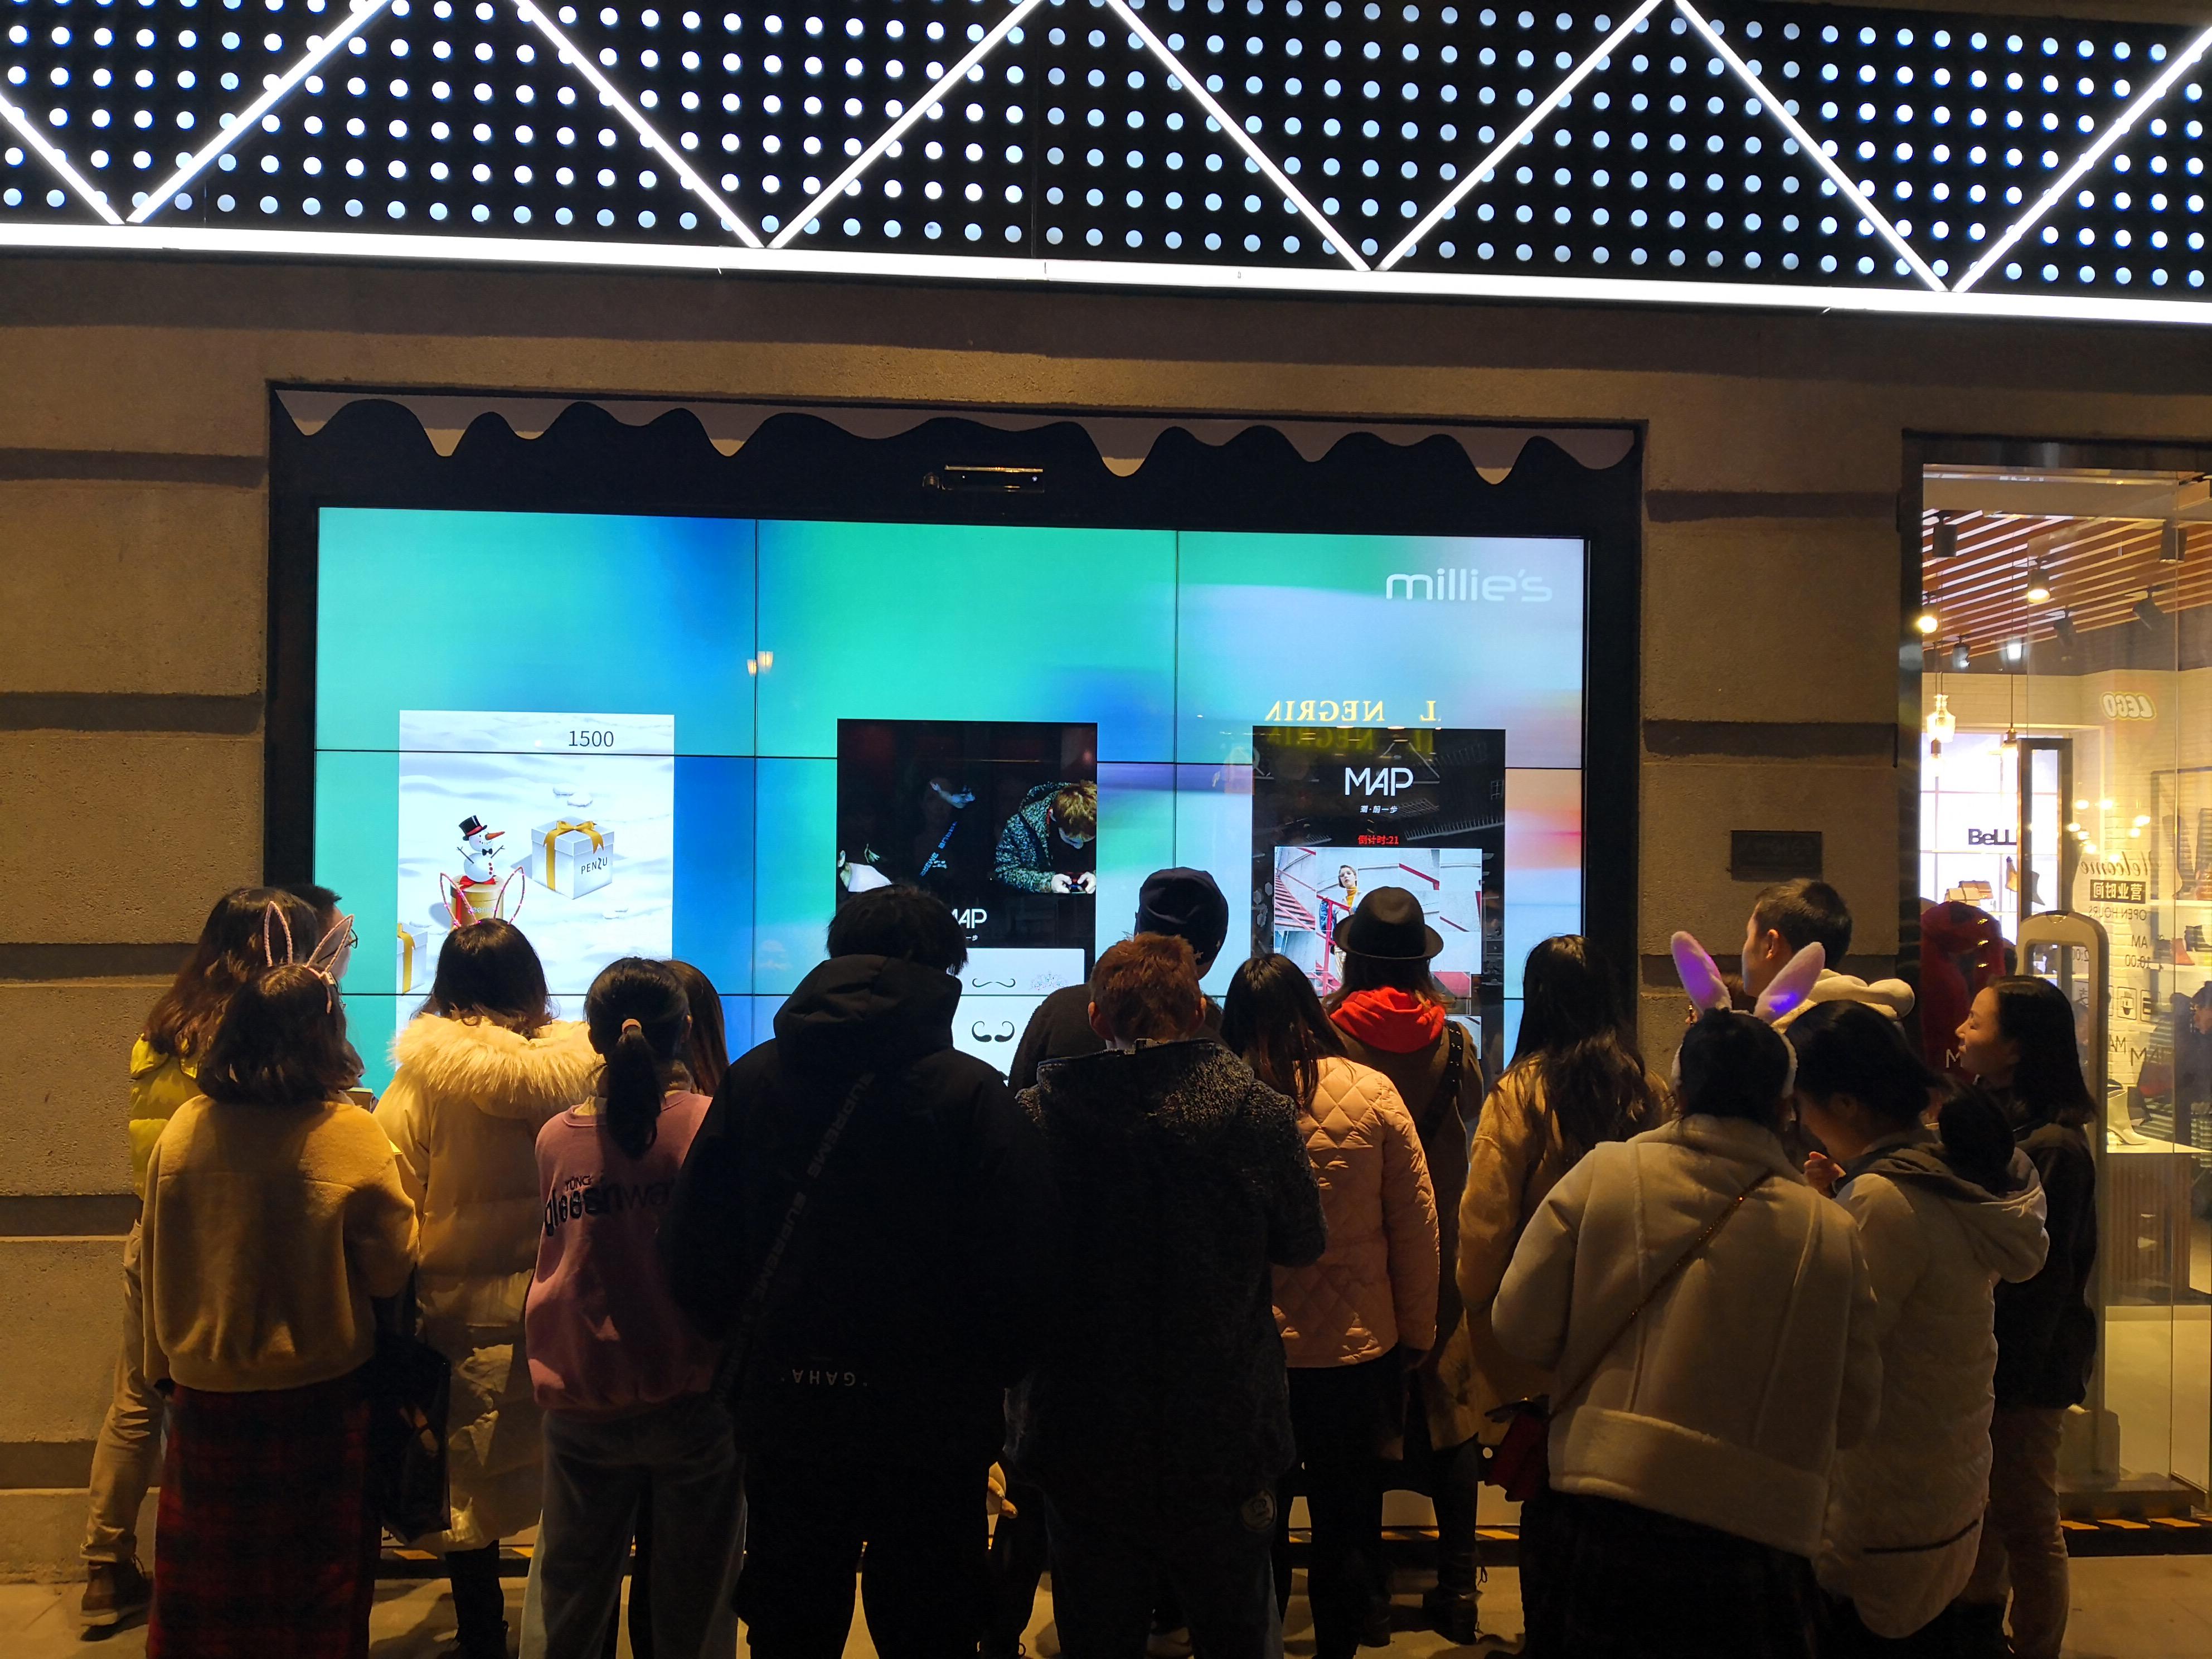 超級智慧櫥窗-百麗武漢楚河漢街MAP旗艦店互動小游戲吸粉